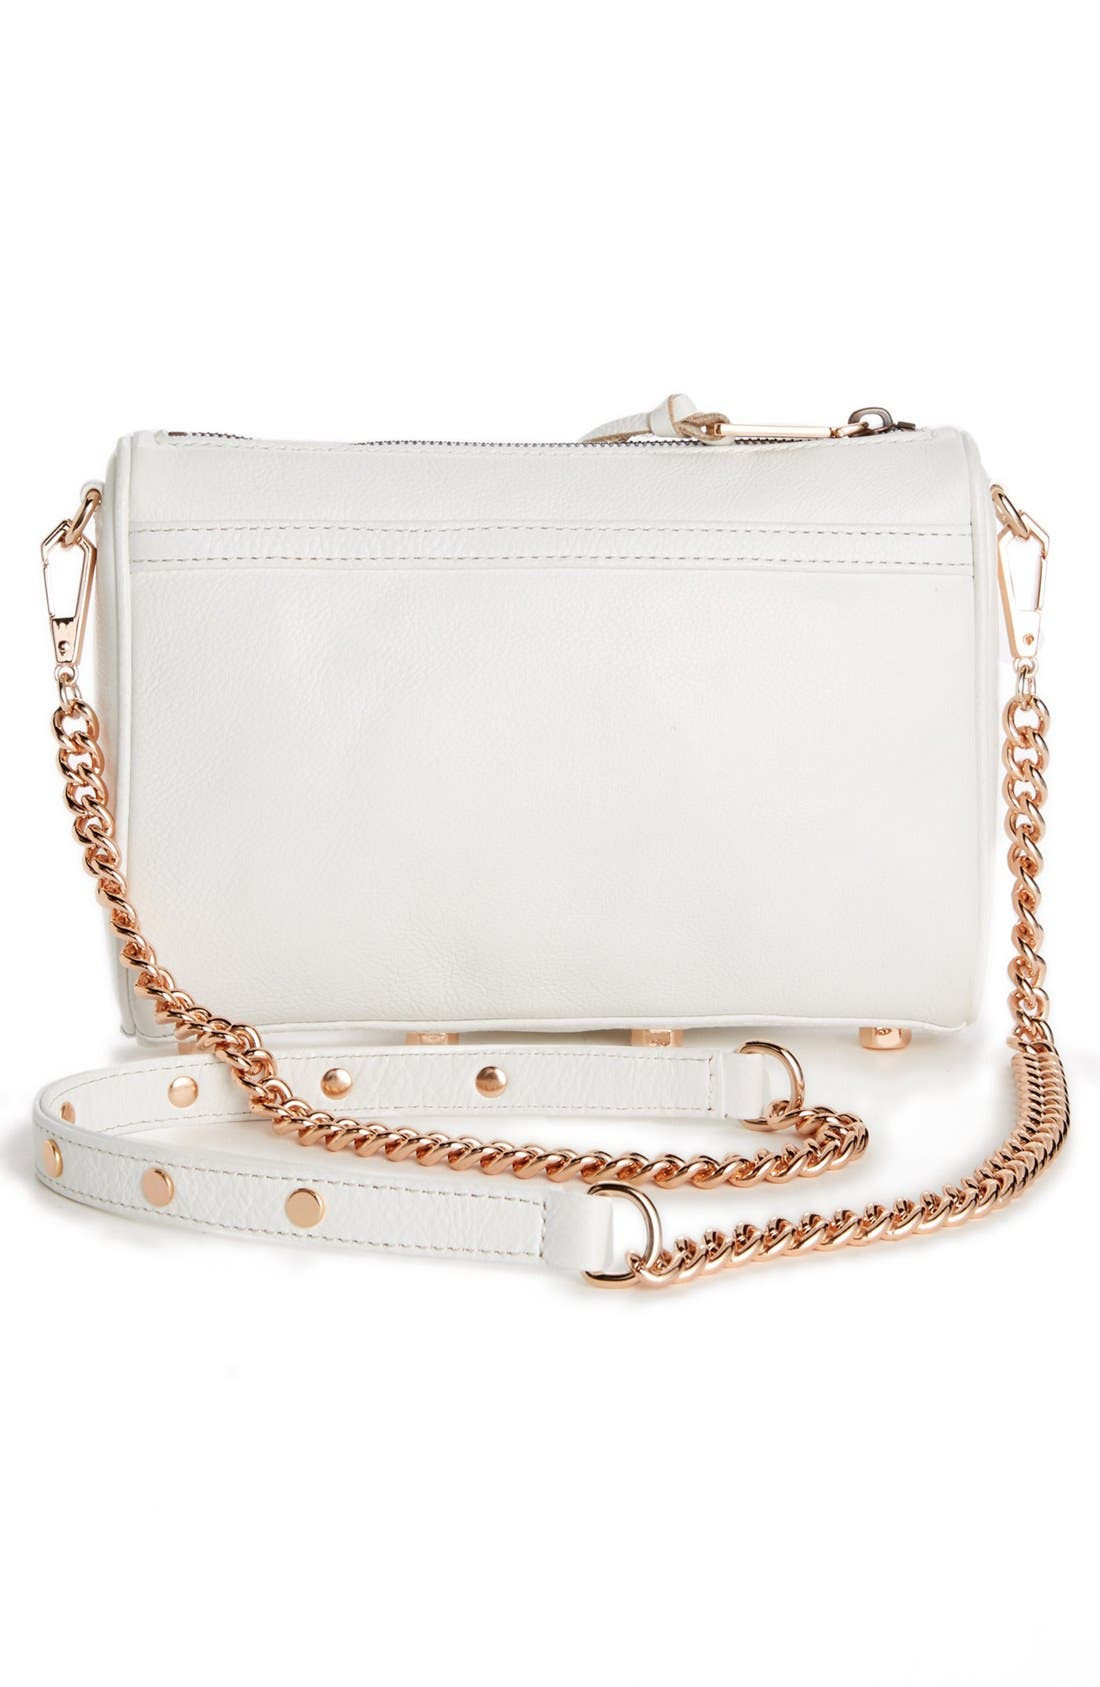 'Mini MAC' Convertible Crossbody Bag,                             Alternate thumbnail 10, color,